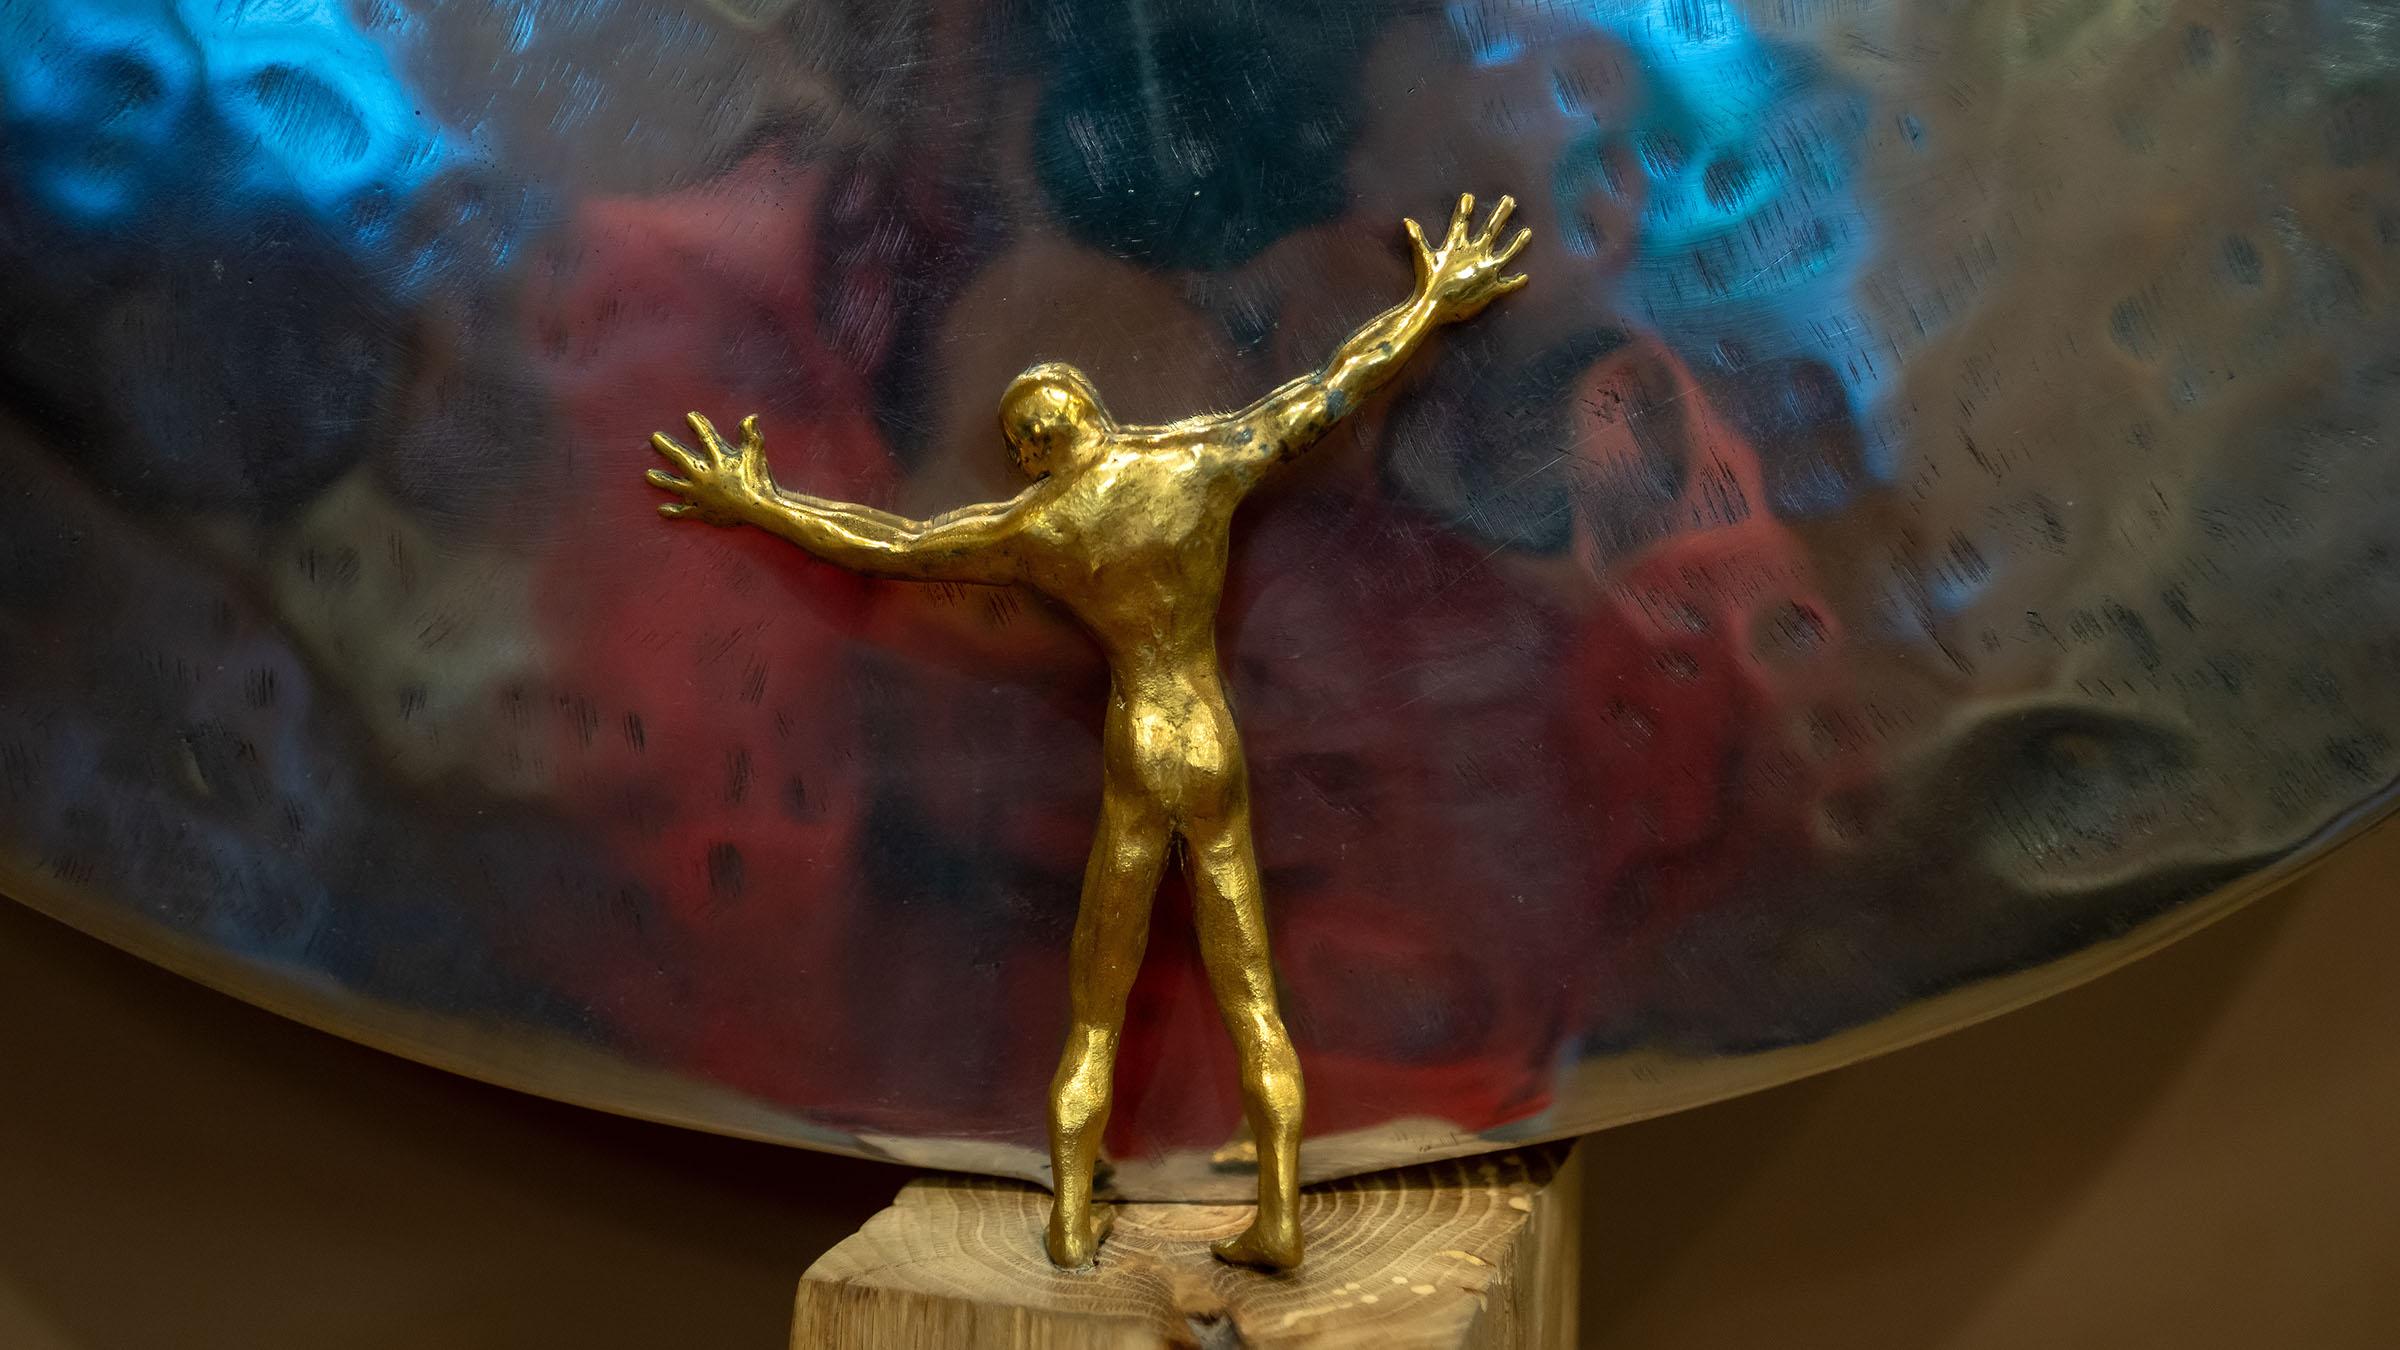 Внутренний мир. 2018. (фрагмент). Адель Халиуллин::«Апокалипсис. Возрождение ». Адель Халиуллин (скульптура), Анна Федорова (живопись)